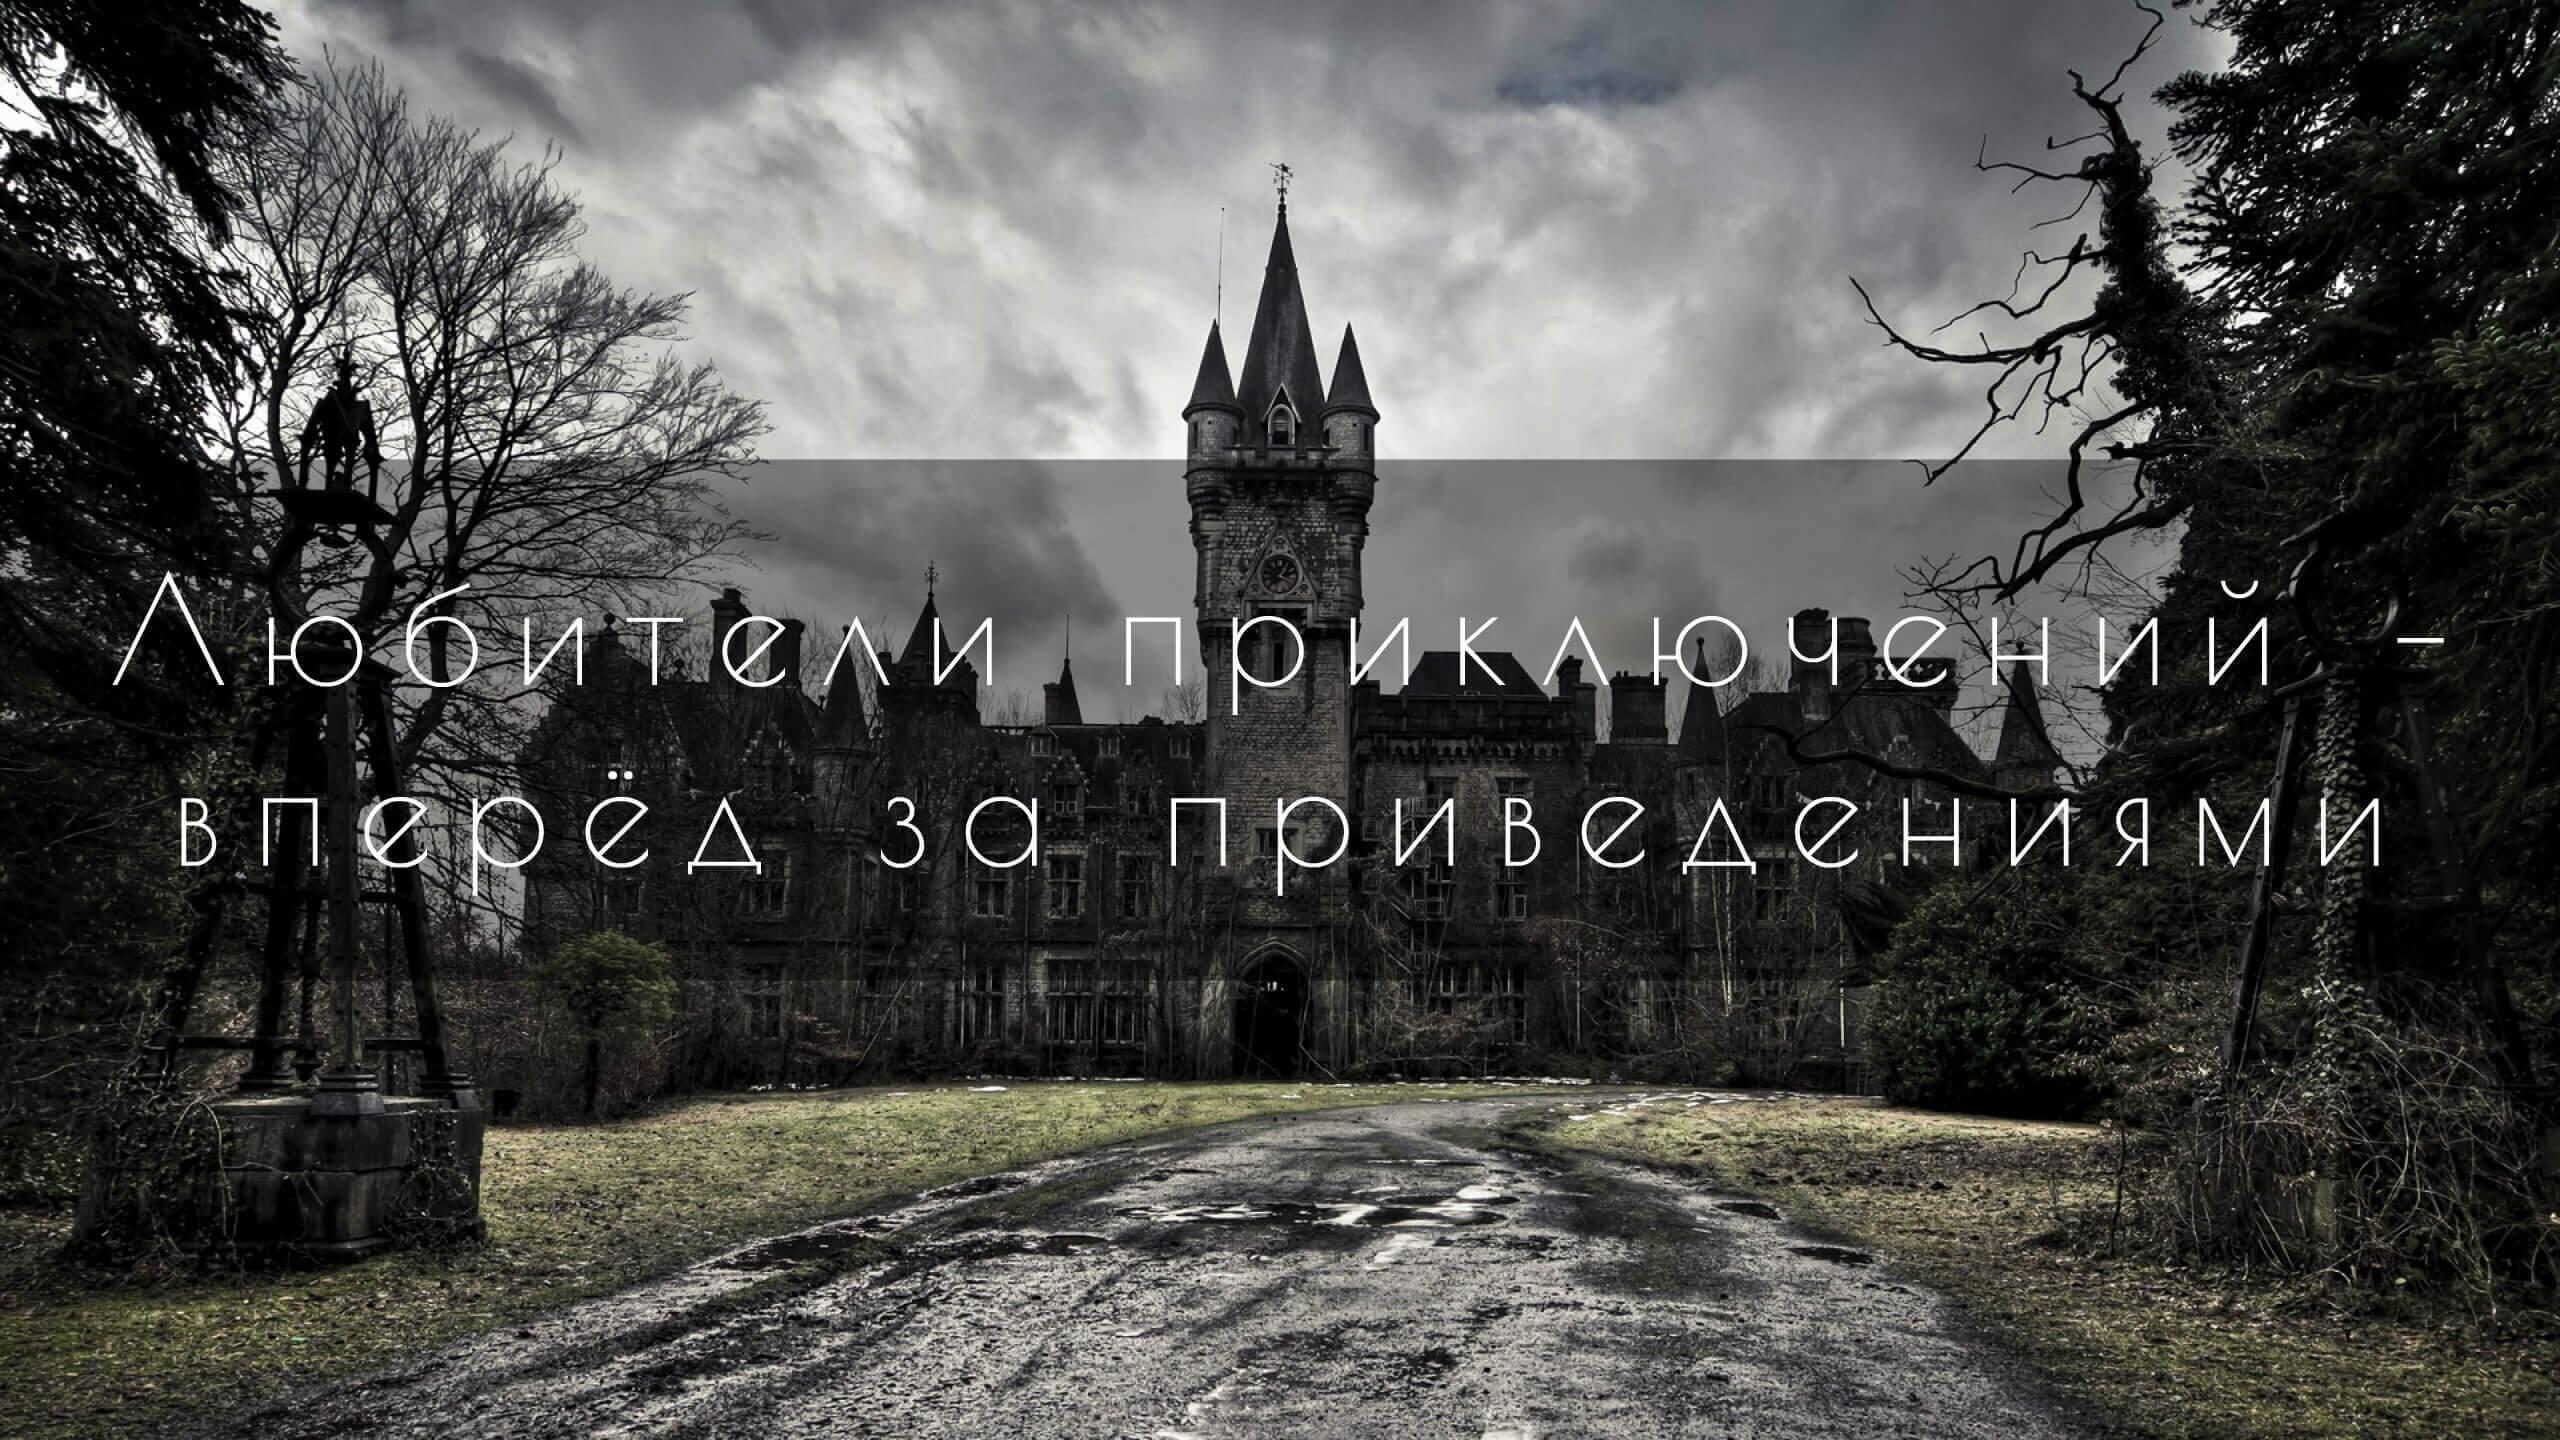 Замки с приведениями